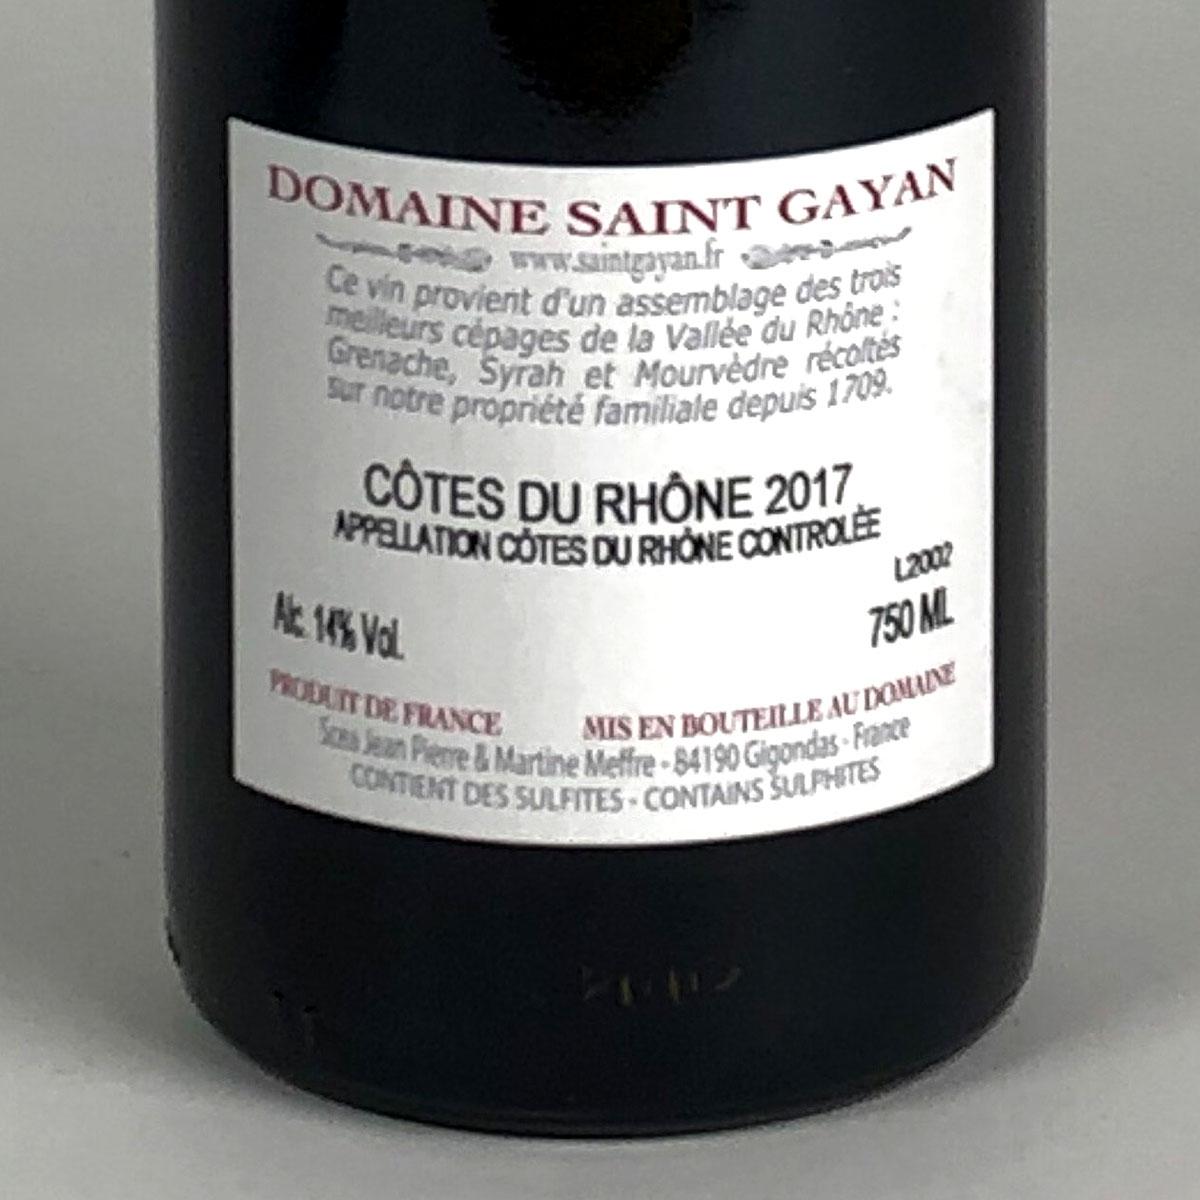 Côtes du Rhône: Domaine Saint Gayan 'Trescartes' 2017 - Bottle Rear Label